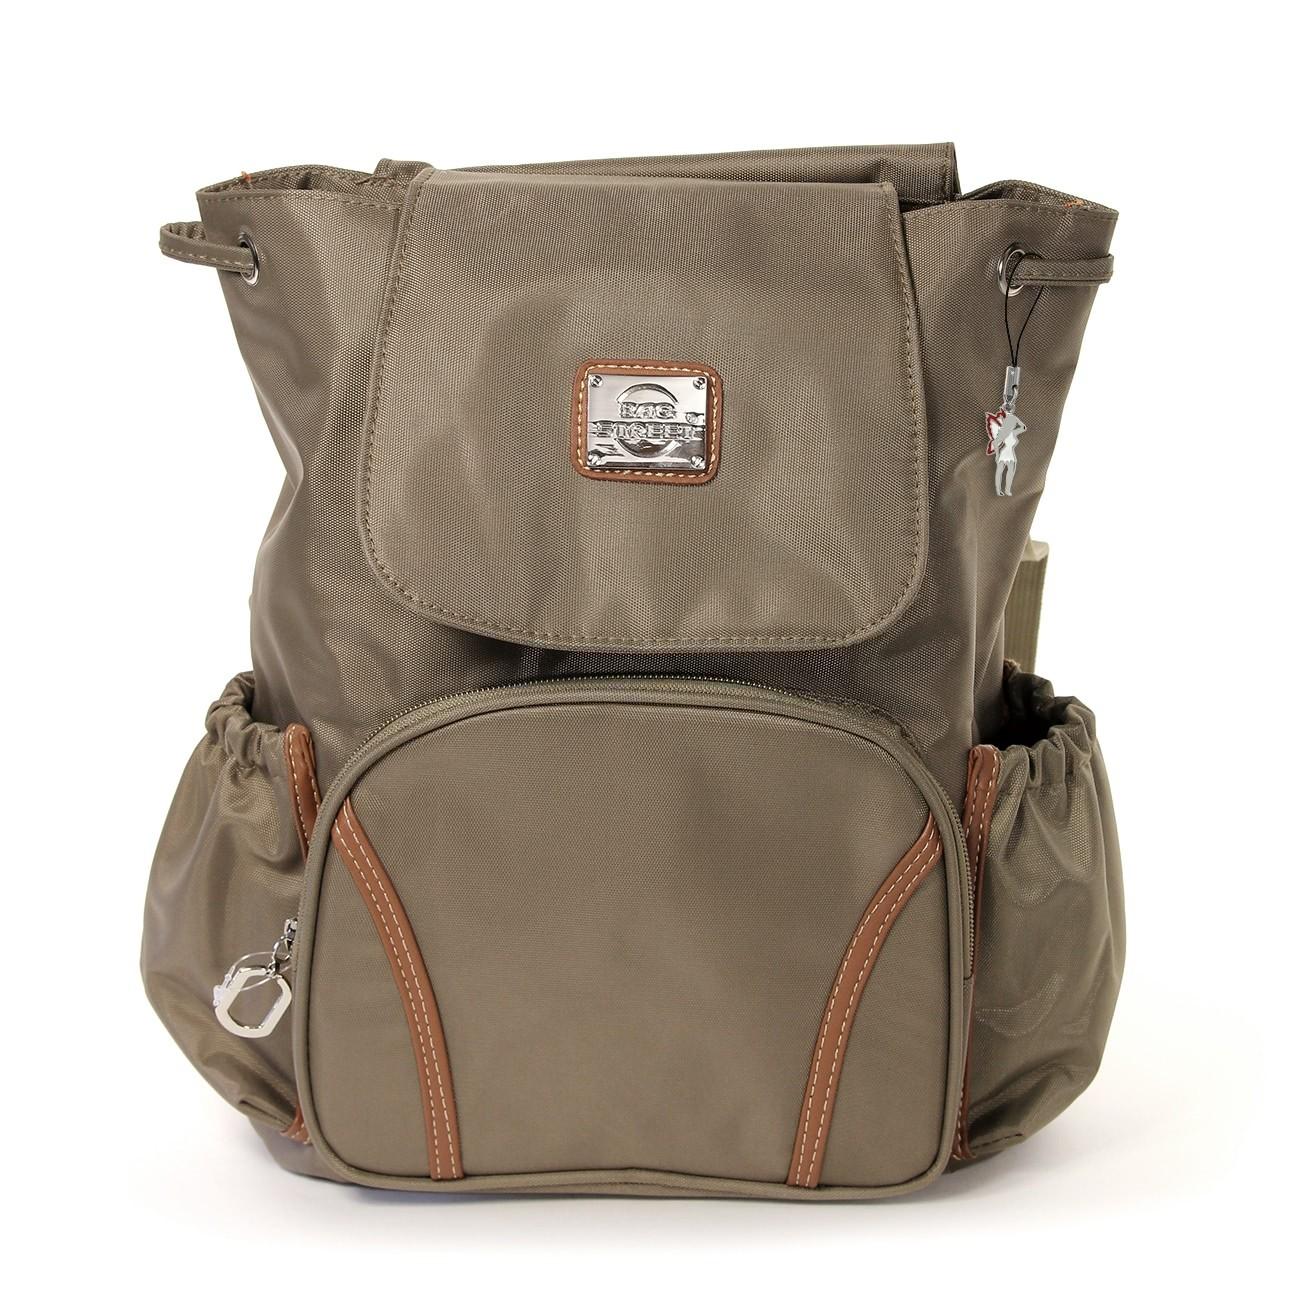 Rucksacktasche Nylon braun Damen Rucksack, Handtasche Bag Street OTJ223C